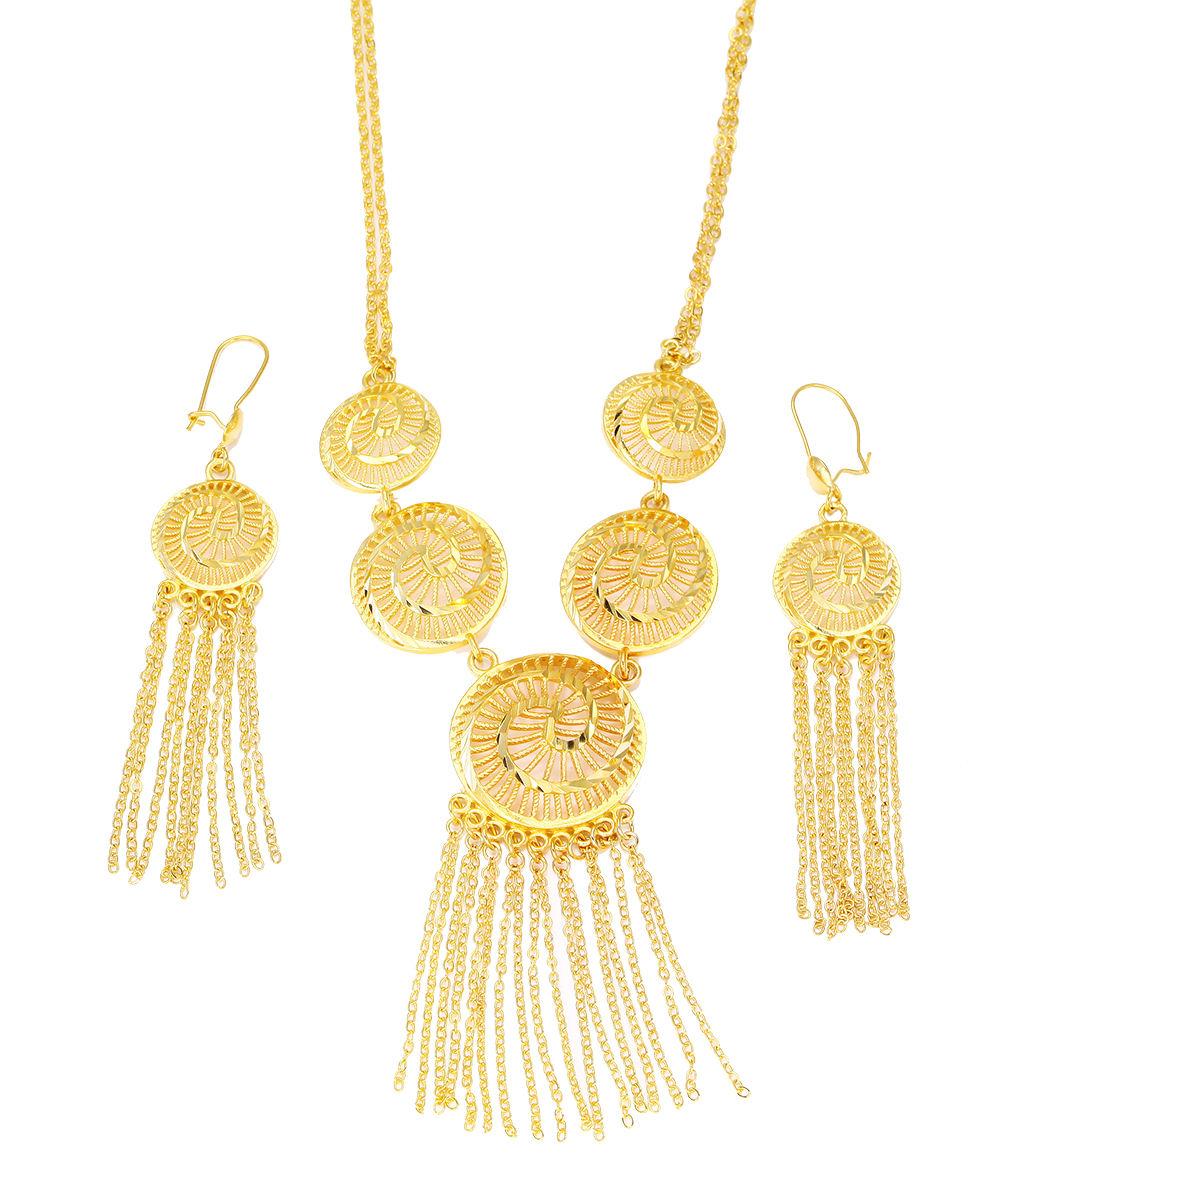 China India Gold Jewelry Set, China India Gold Jewelry Set